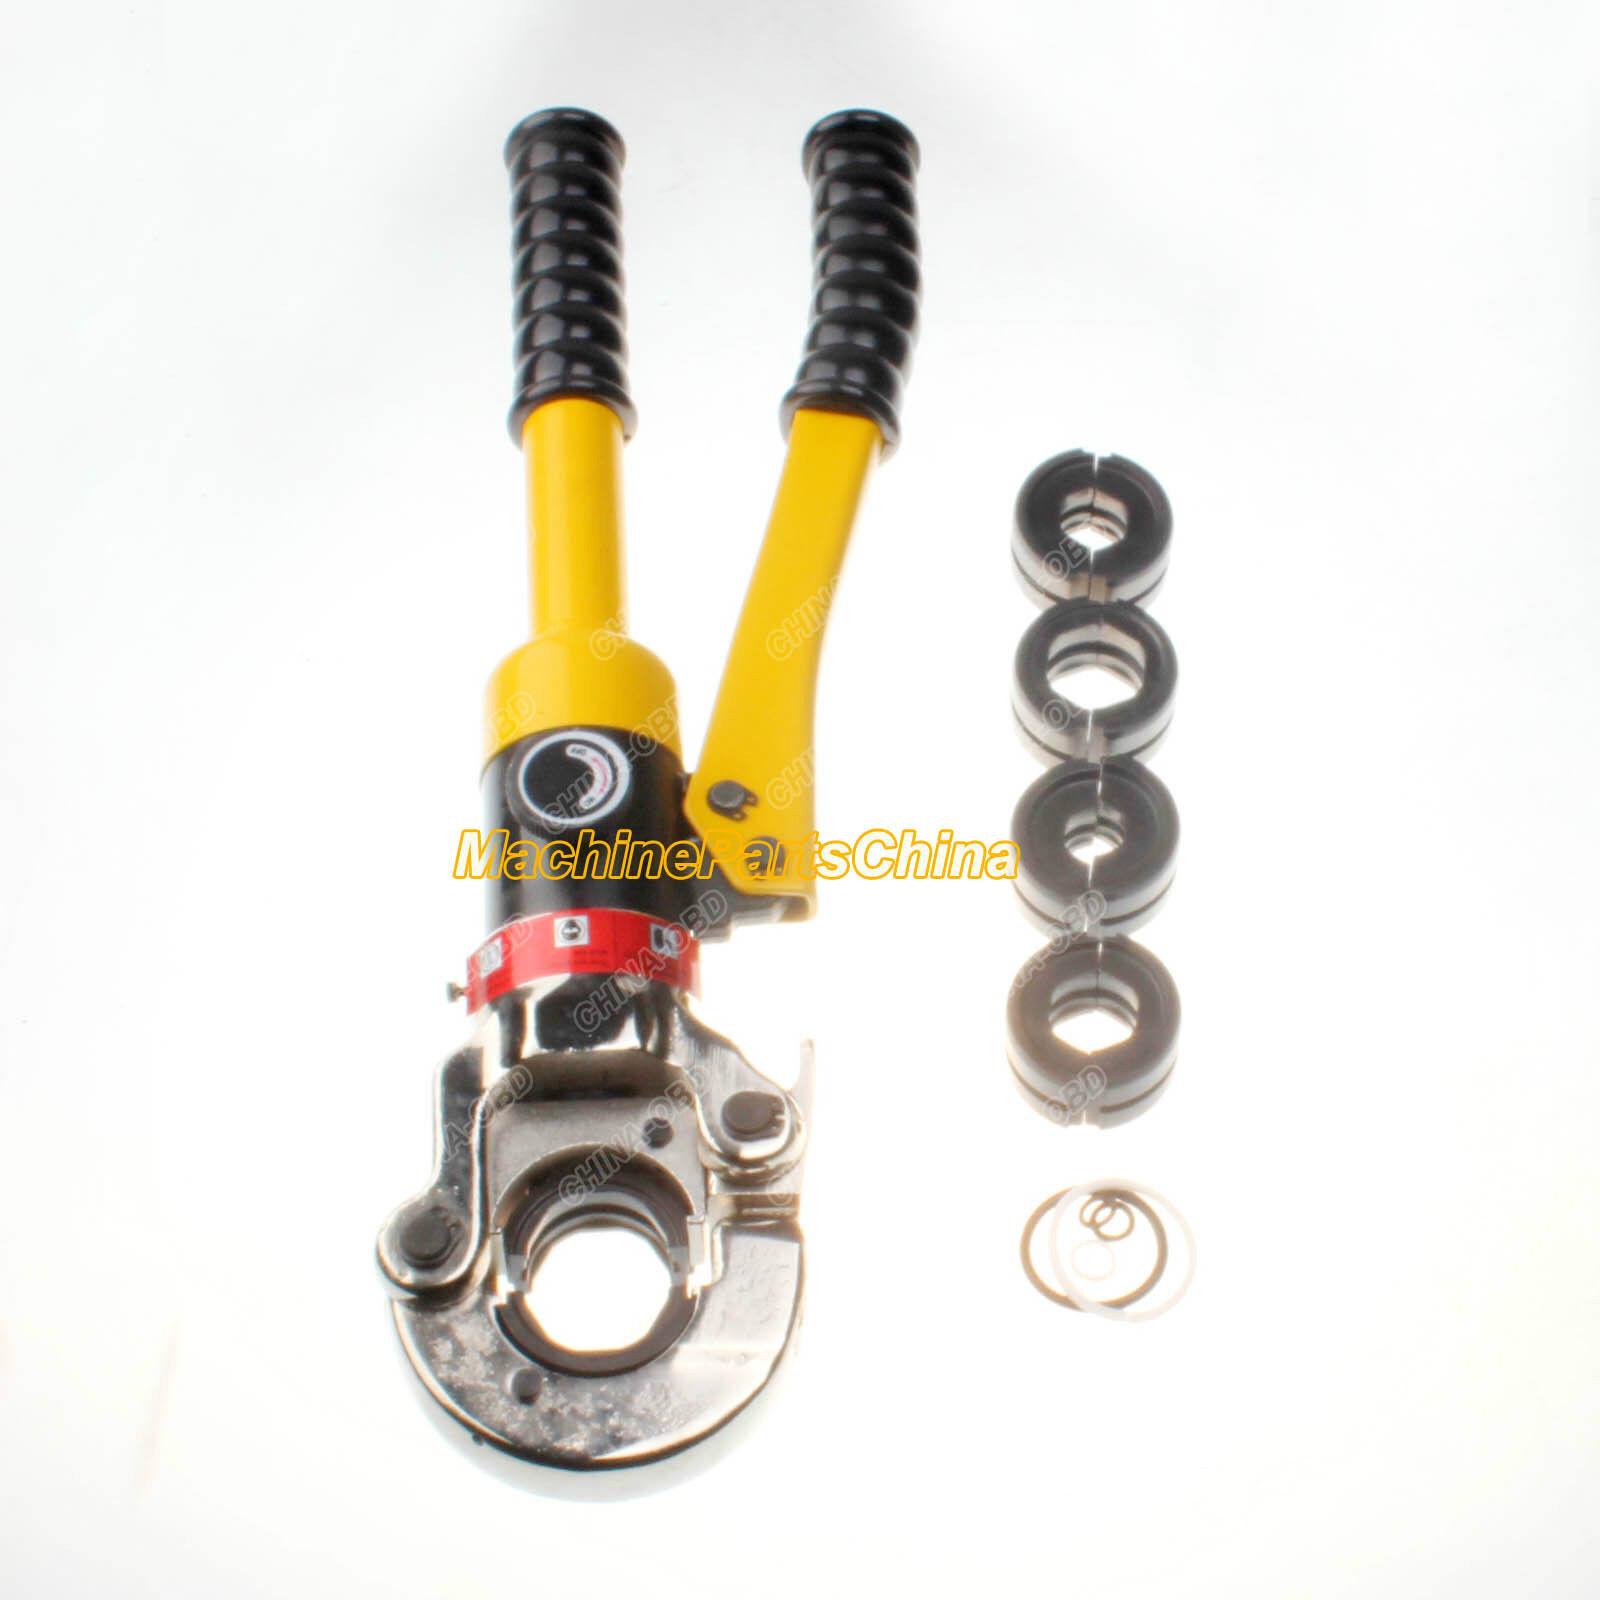 New Hydraulic Pex Pipe Pressing Tool GC-1228 Copper Pipe M12 M15 M18 M22 M28